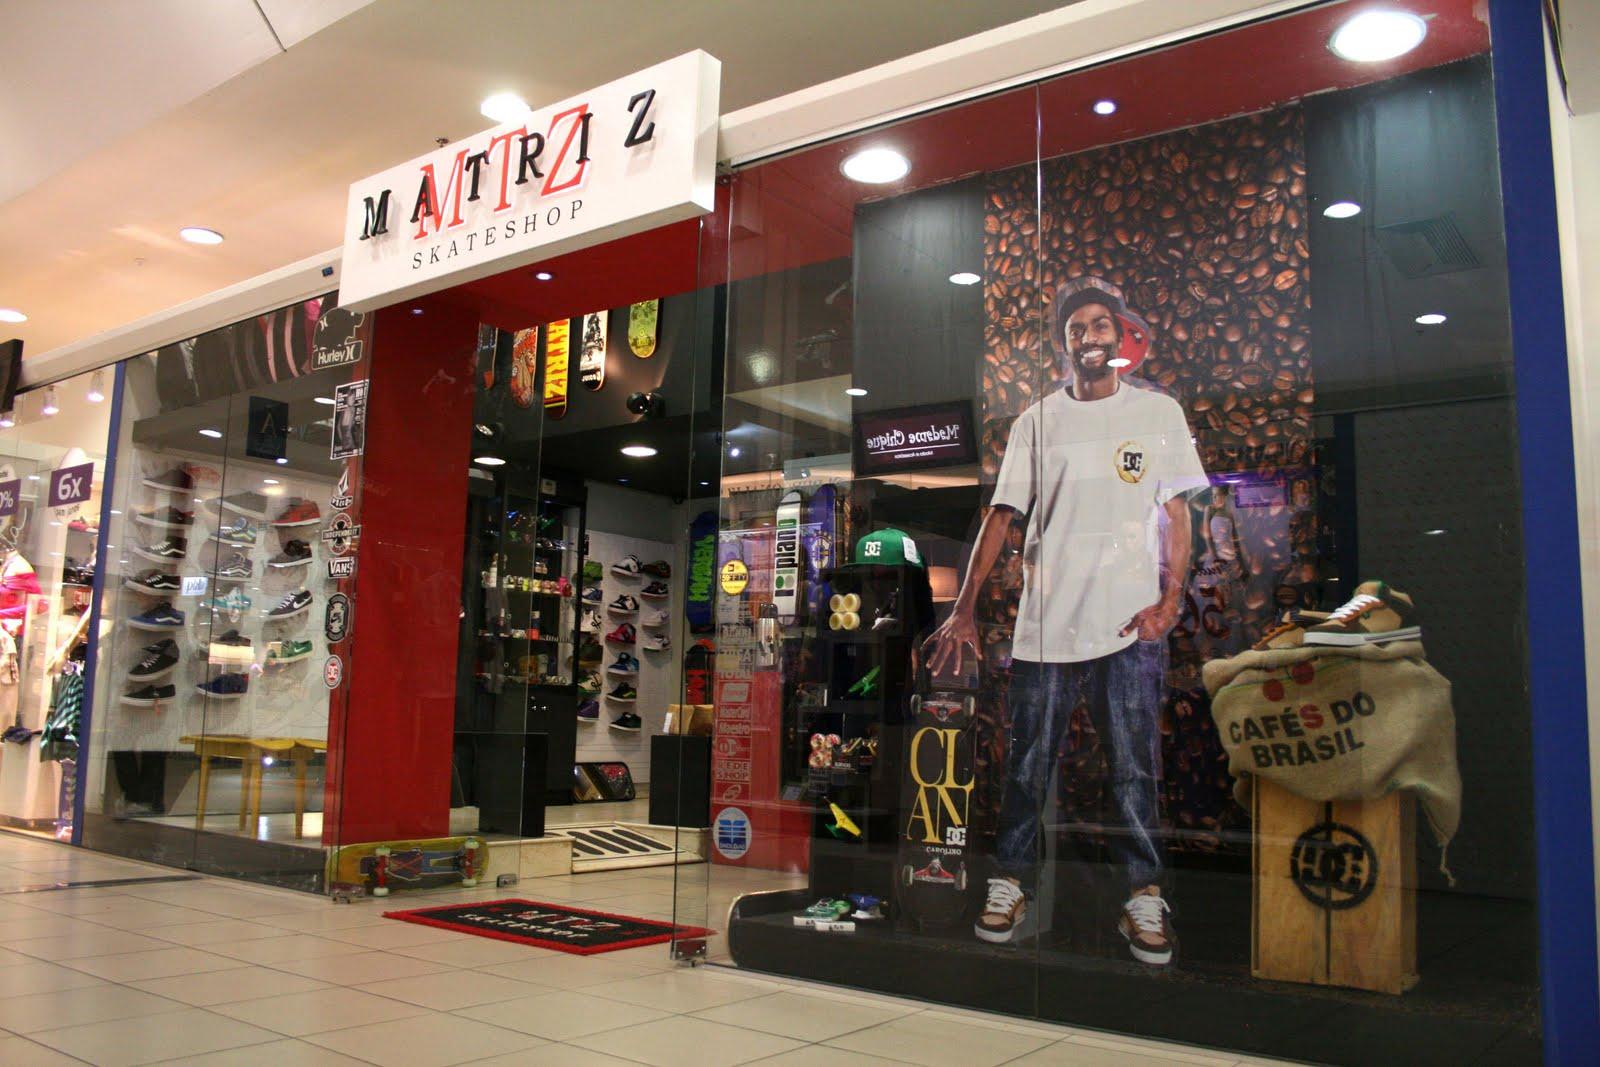 Para comemorar a chegada do tênis DC Shoes (Café) Alex Carolino a Matriz  Skateshop montou uma nova vitrine passe na loja e confira! 3398bb5403b